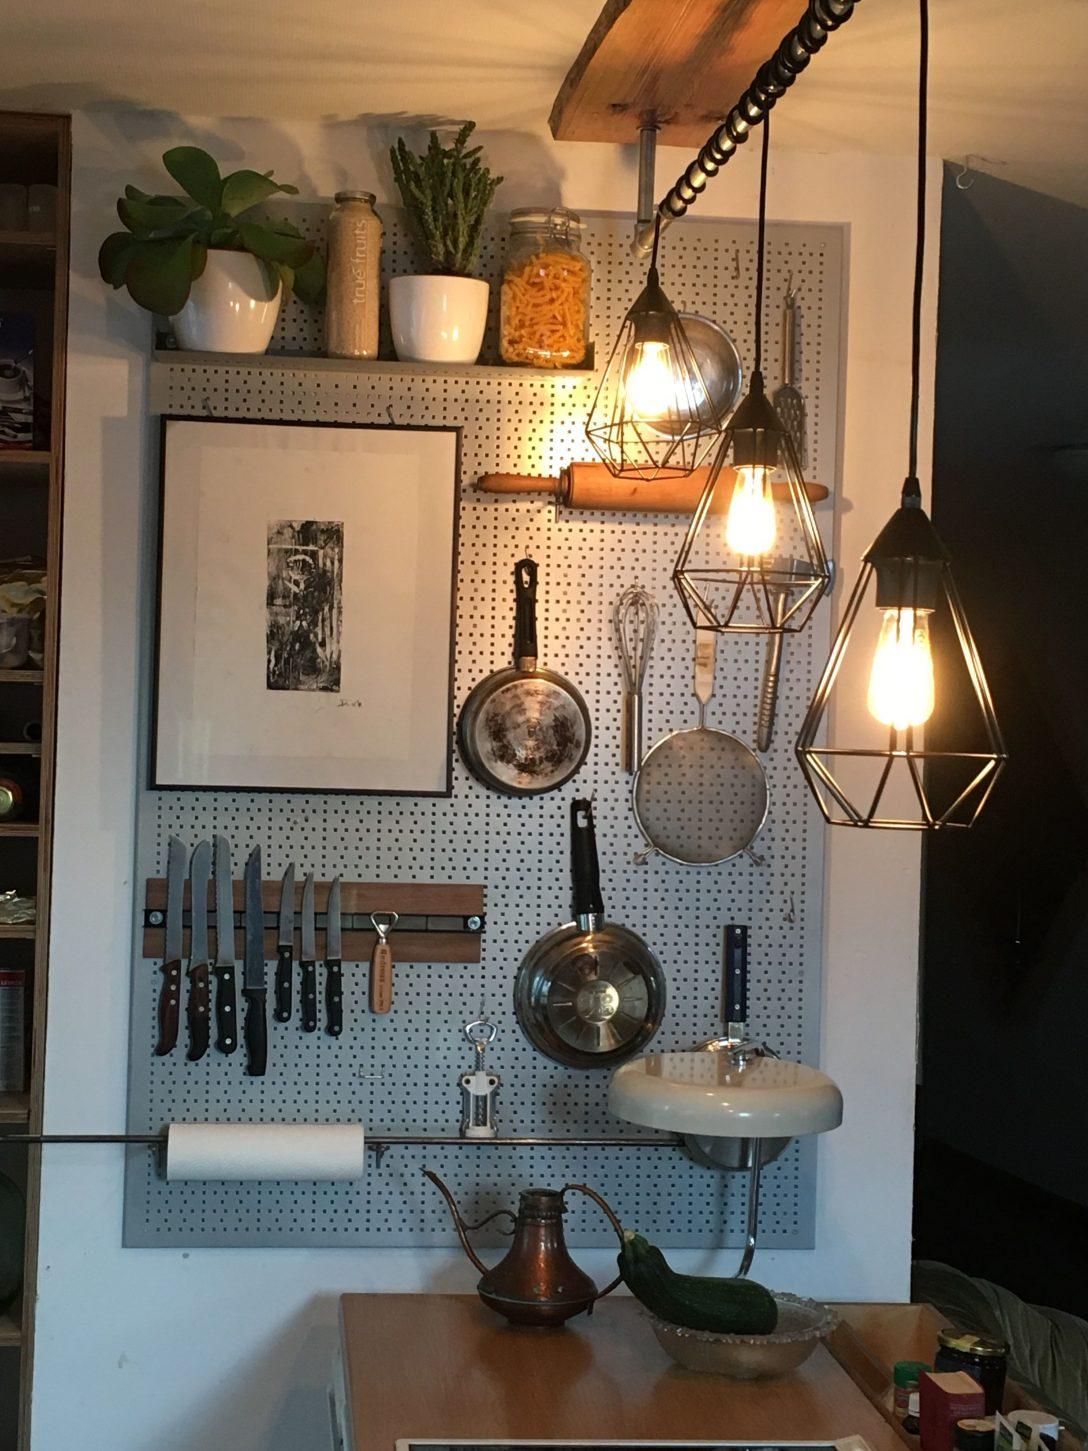 Large Size of Unterschrank Lampen Küche Hängende Lampen Küche Moderne Lampen Küche Lampen Küche Esszimmer Küche Lampen Küche